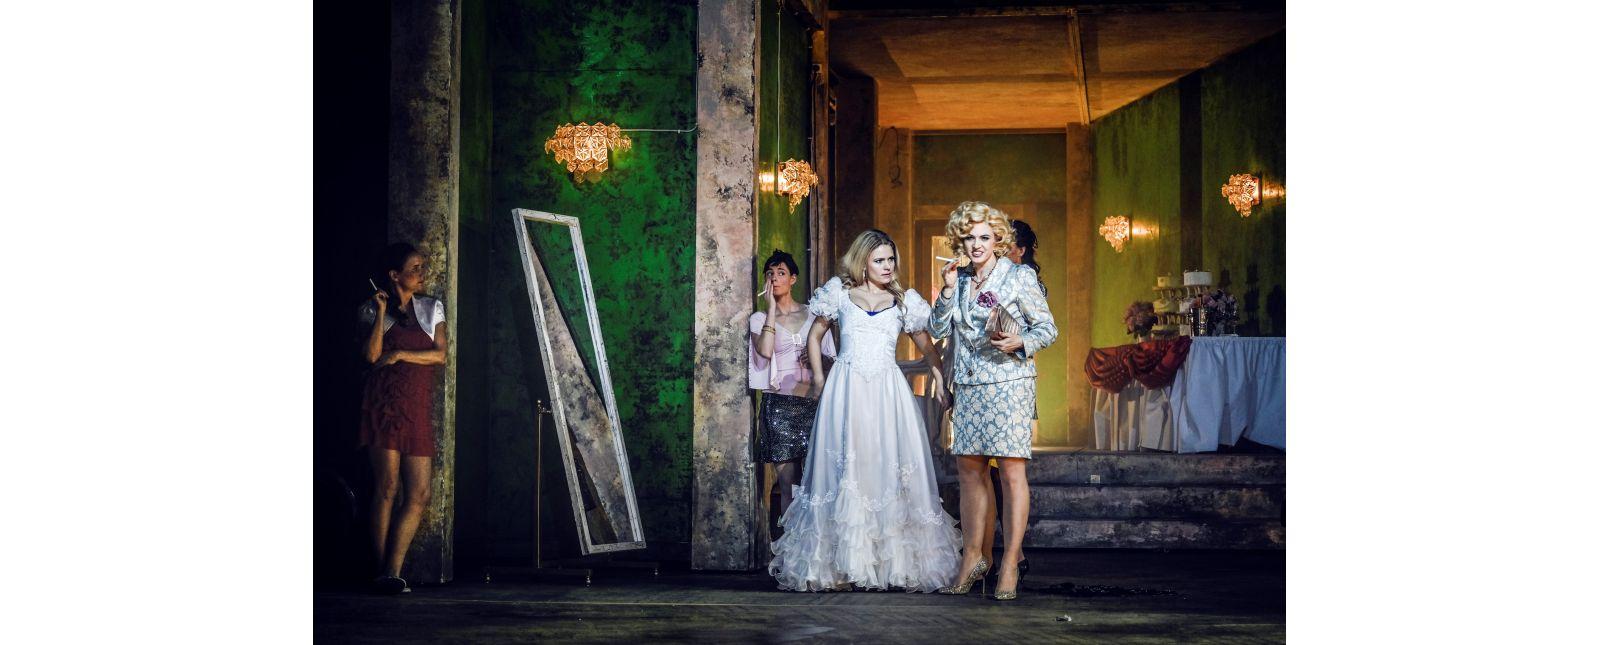 HULDA // Katharina Ruckgaber // Katerina Hebelková // Opernchor // 2019 // Tanja Dorendorf // T+T Fotografie